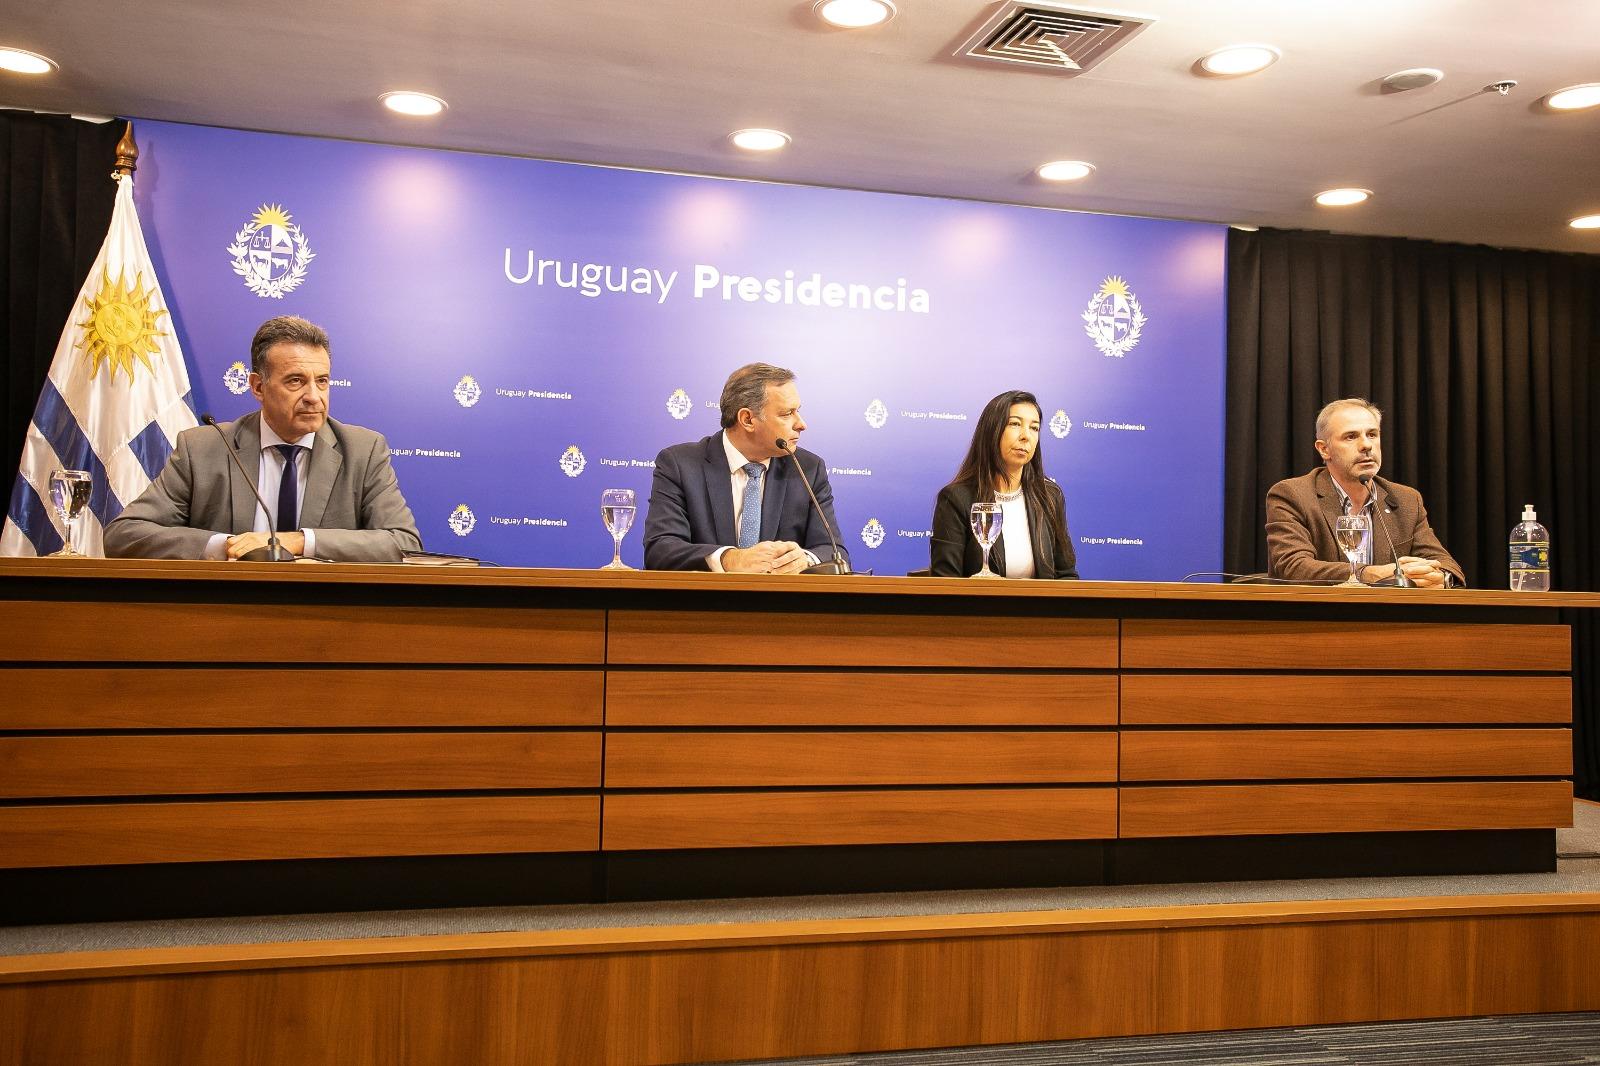 SMU mantuvo reunión en Presidencia para abordar una estrategia respecto a que la realización del test diagnóstico de COVID19 sea adecuada al número de casos sospechosos en Uruguay.